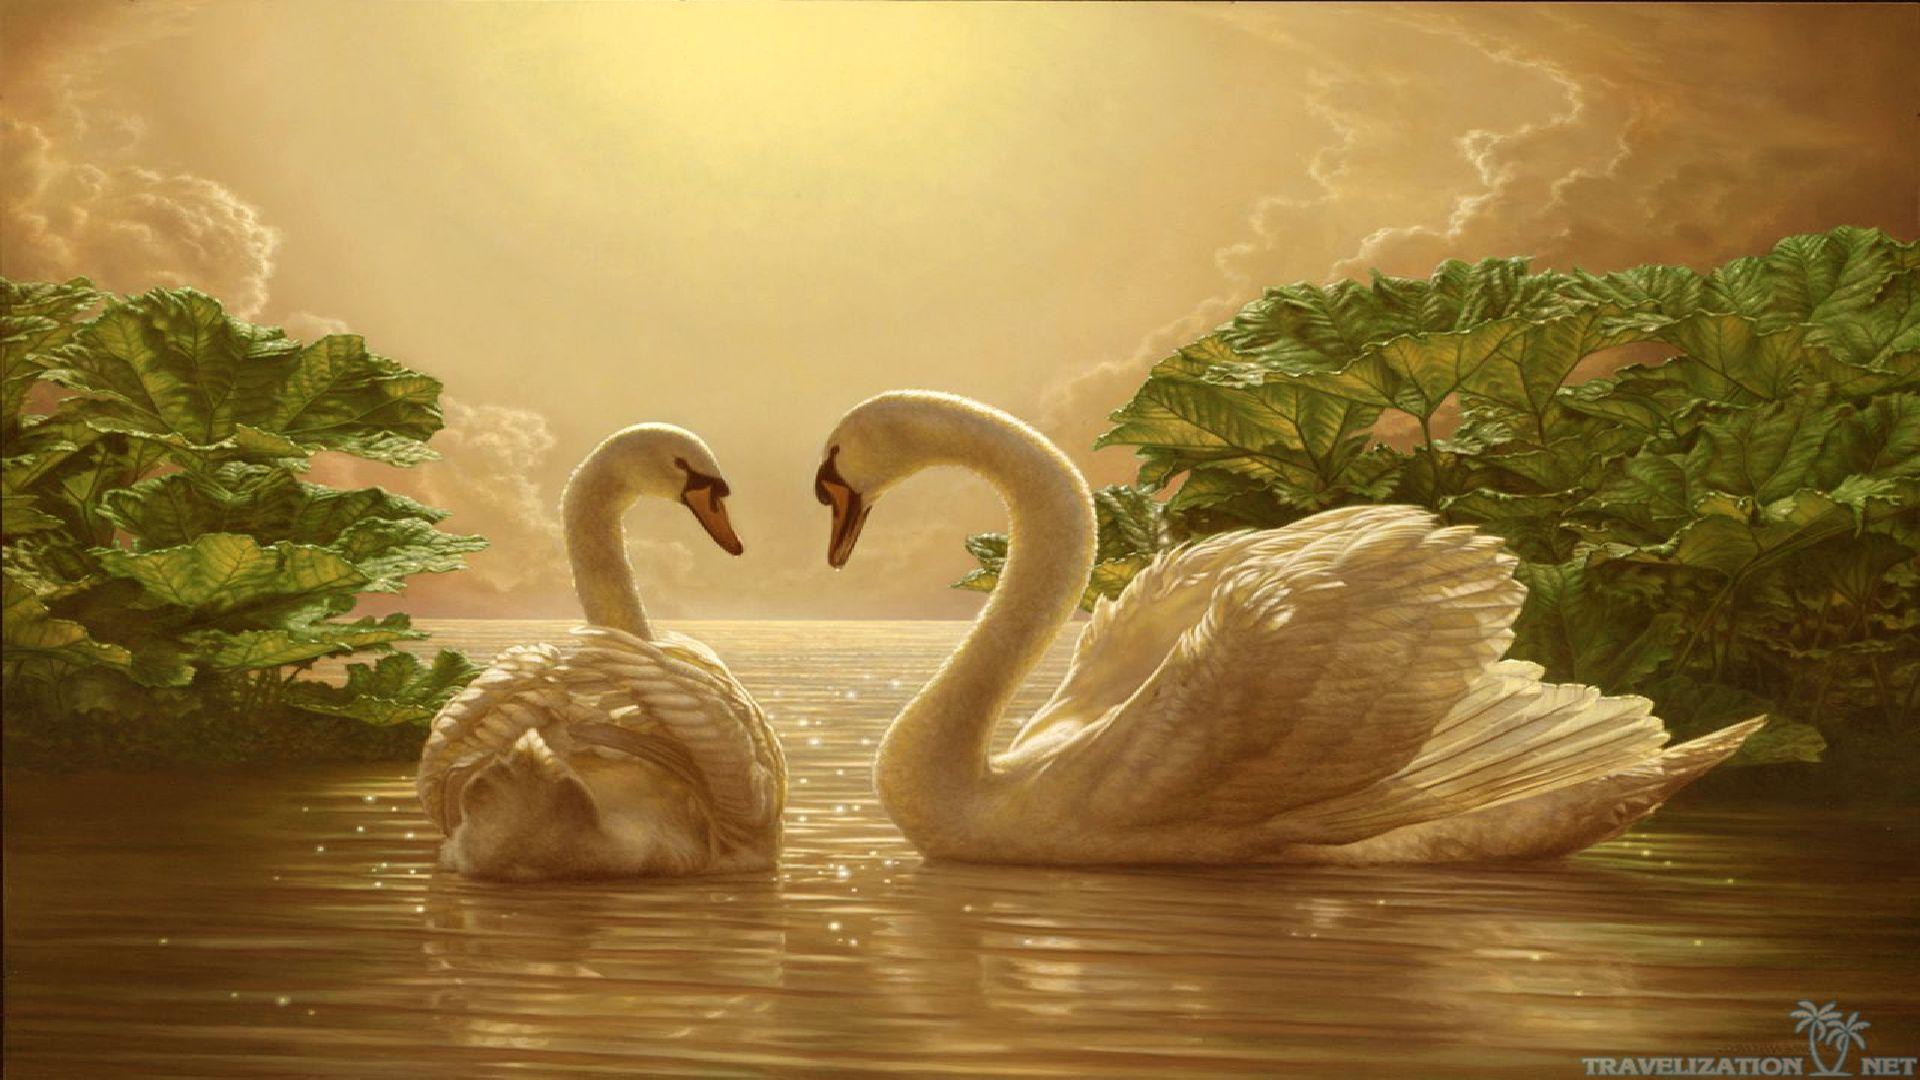 Download Beautiful Love Swan Wallpaper Full HD Wallpapers 1920x1080